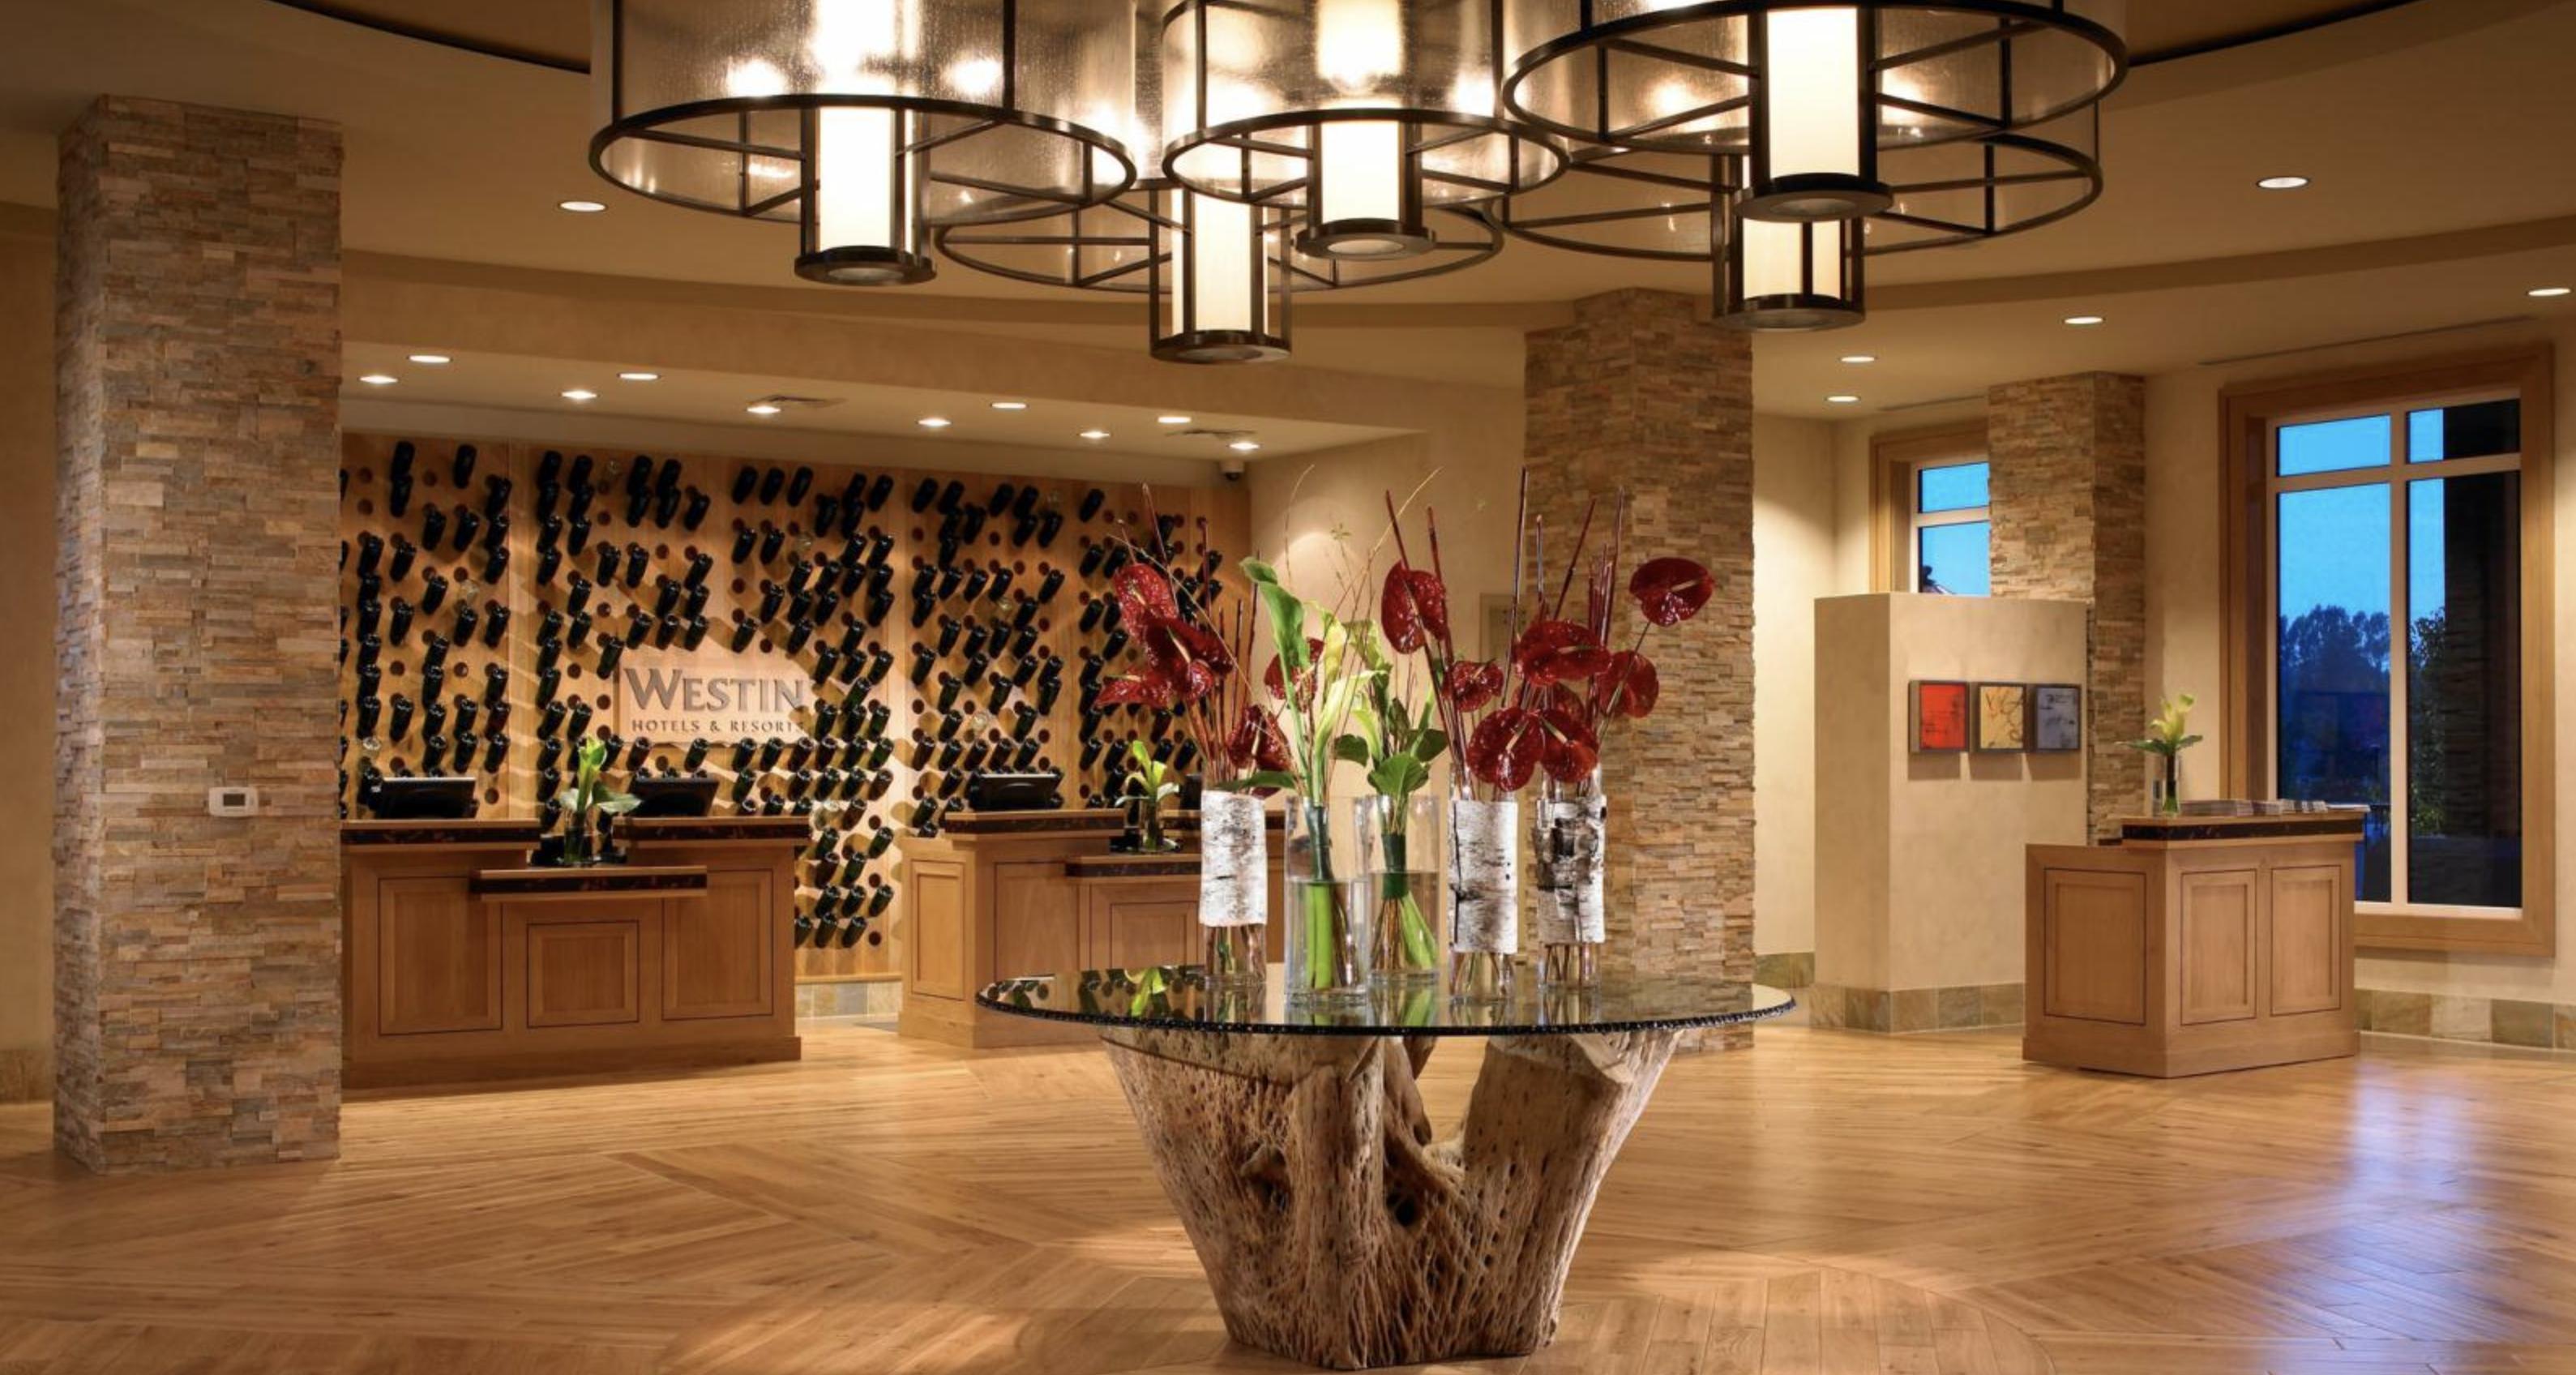 The Westin Verasa: Napa Valley Boutique Hotels